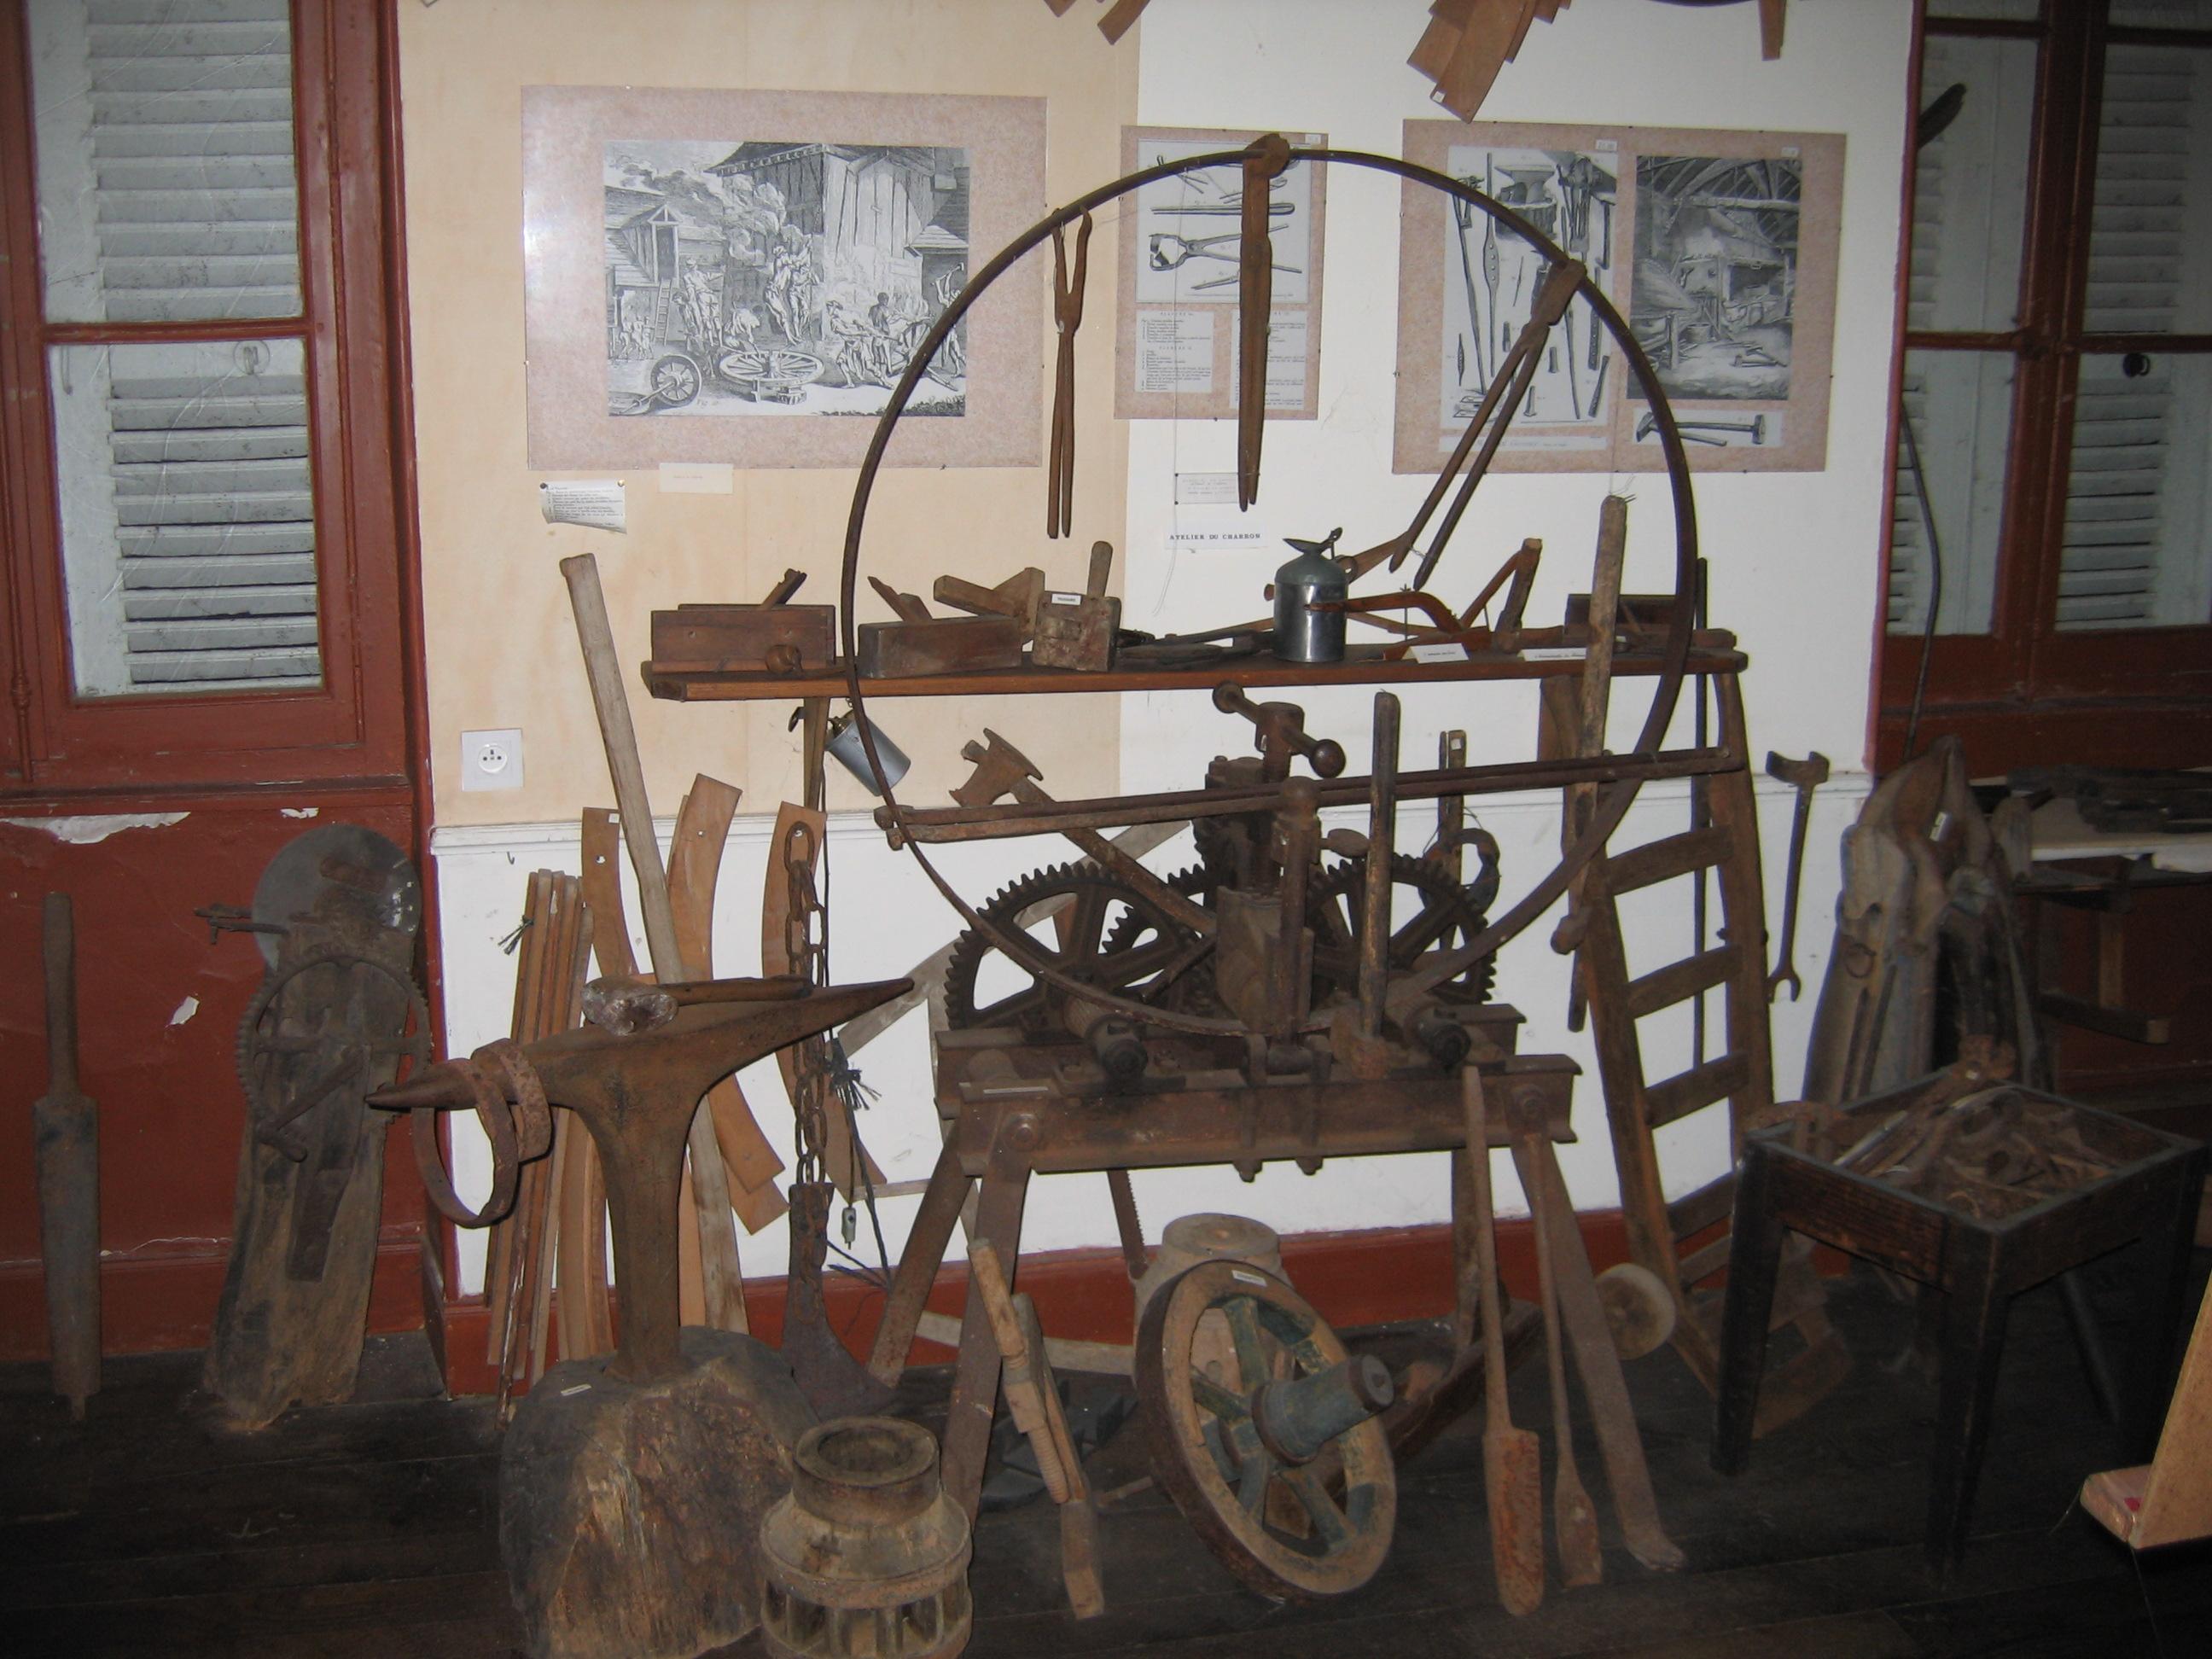 Musée rural montacutain Outillage Ⓒ Musée rural montacutain - 2017